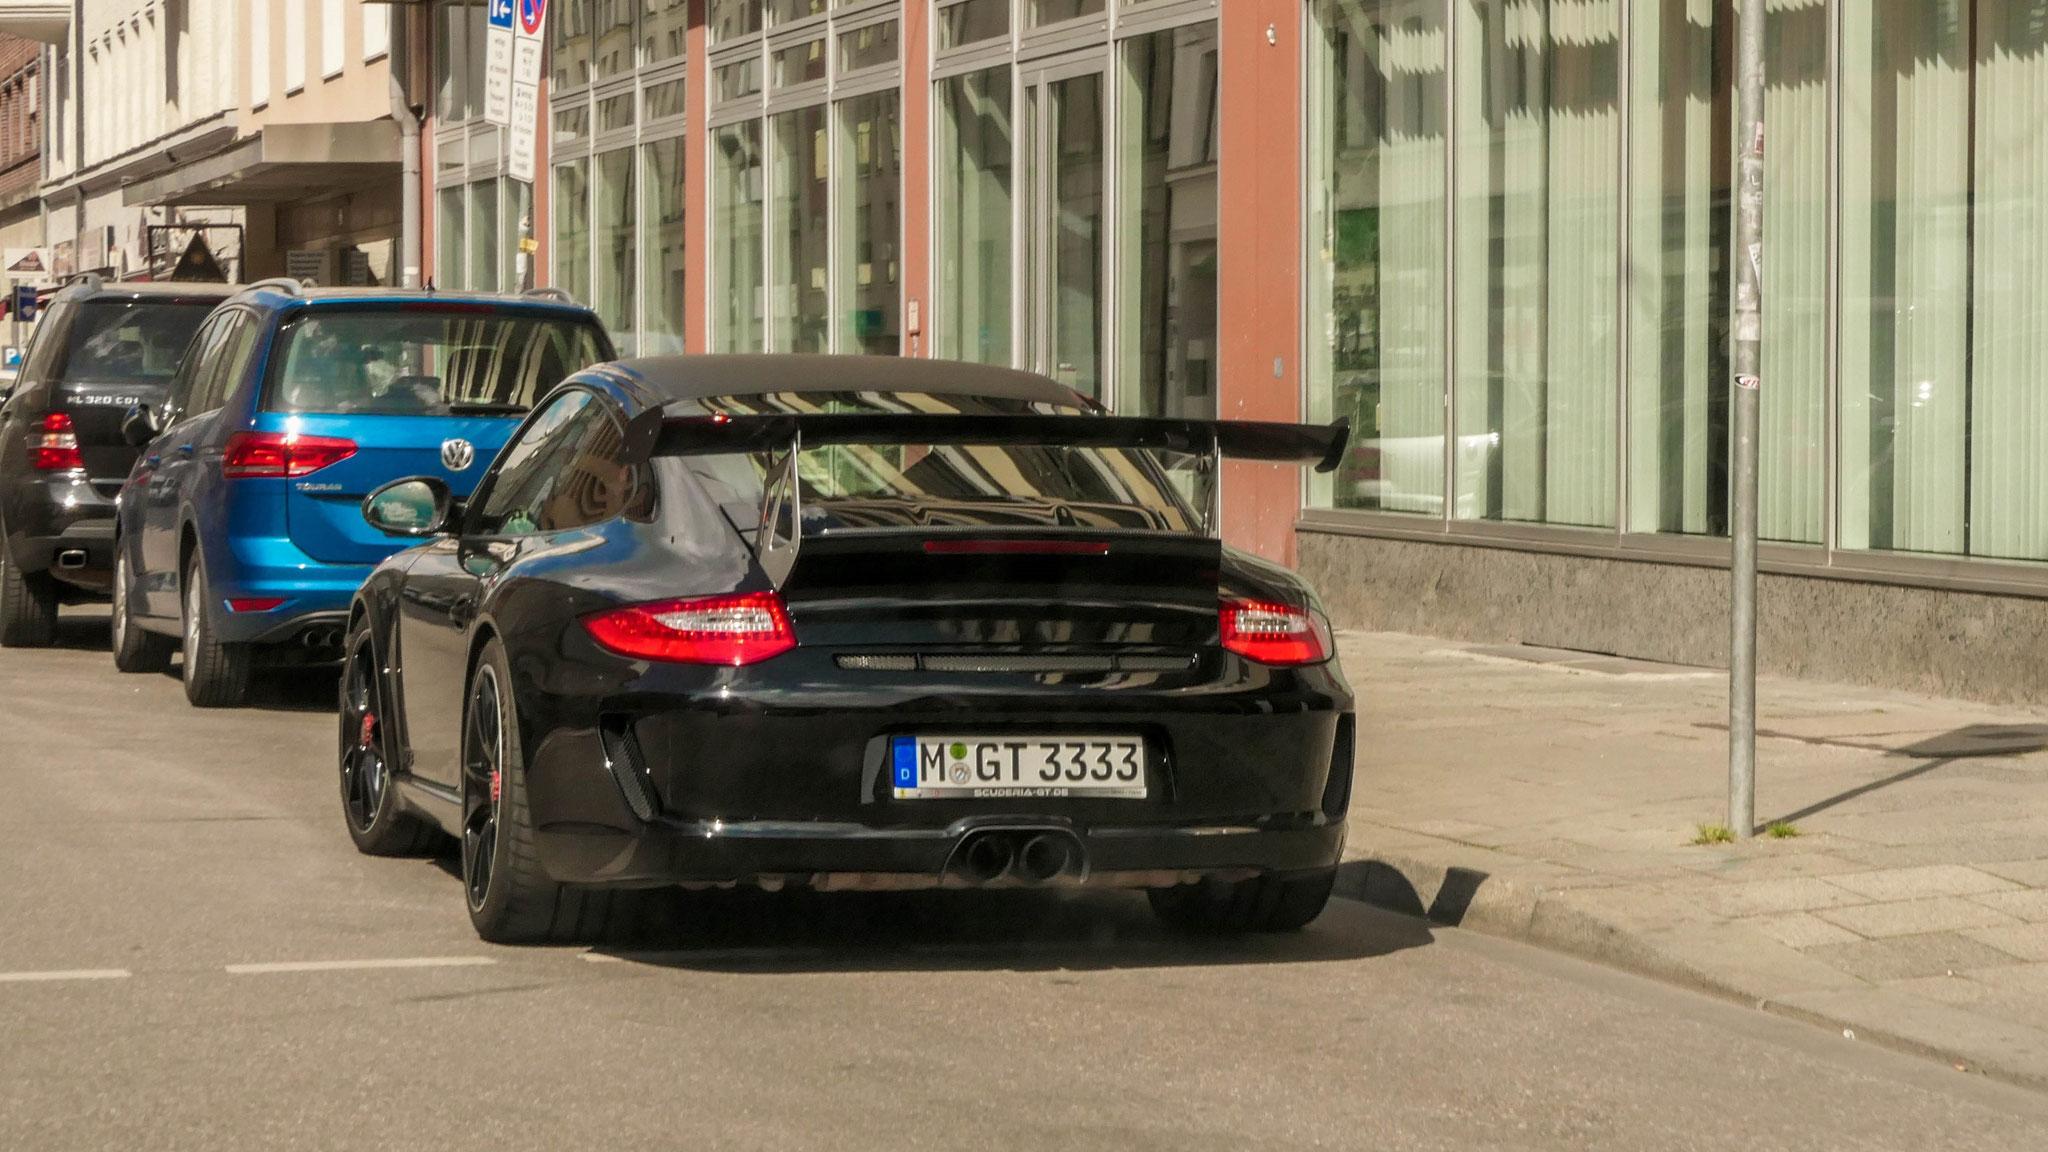 Porsche 911 GT3 RS - M-GT-3333